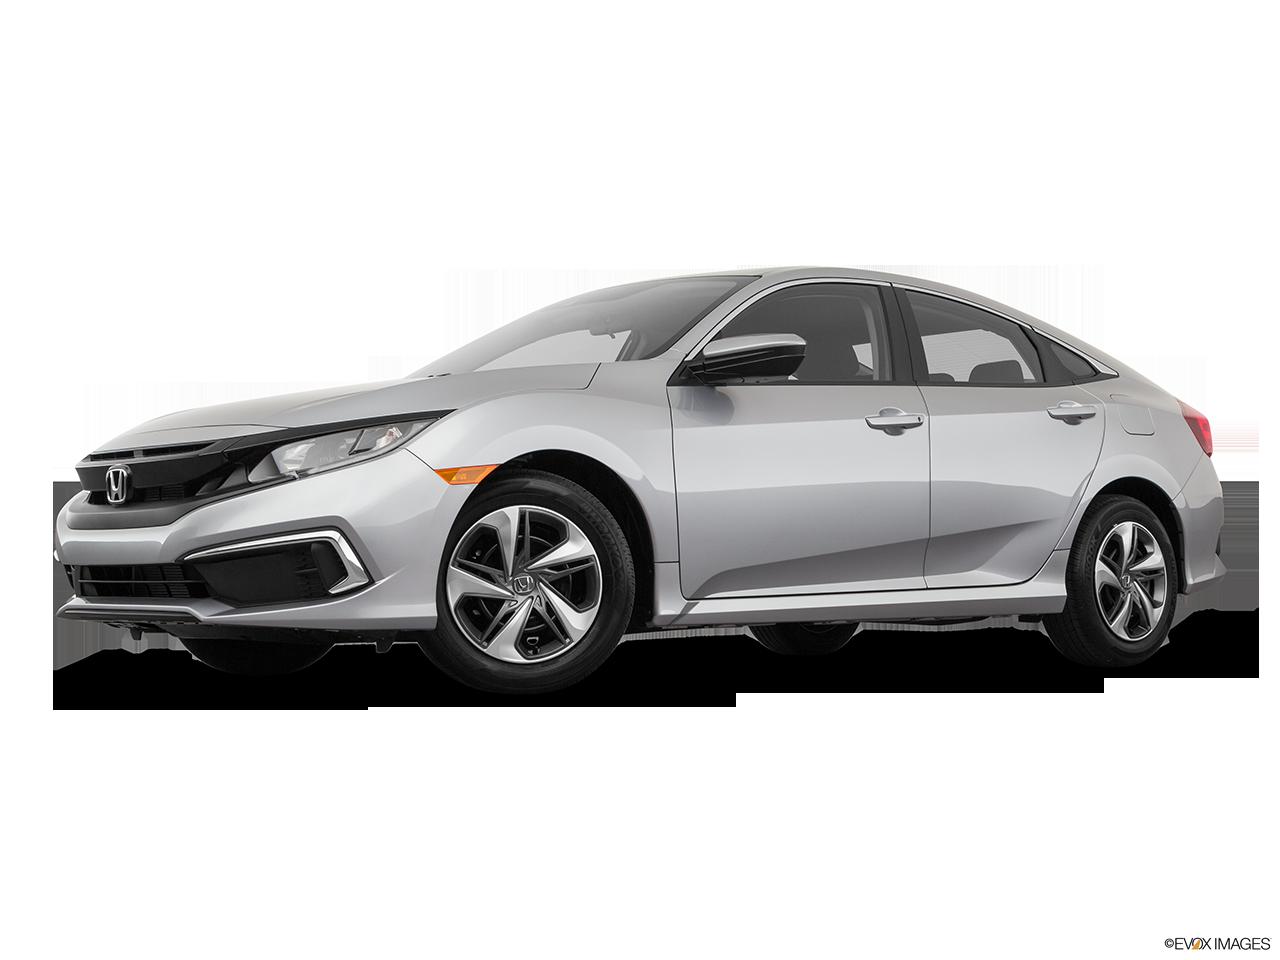 2019 Honda Civic photo